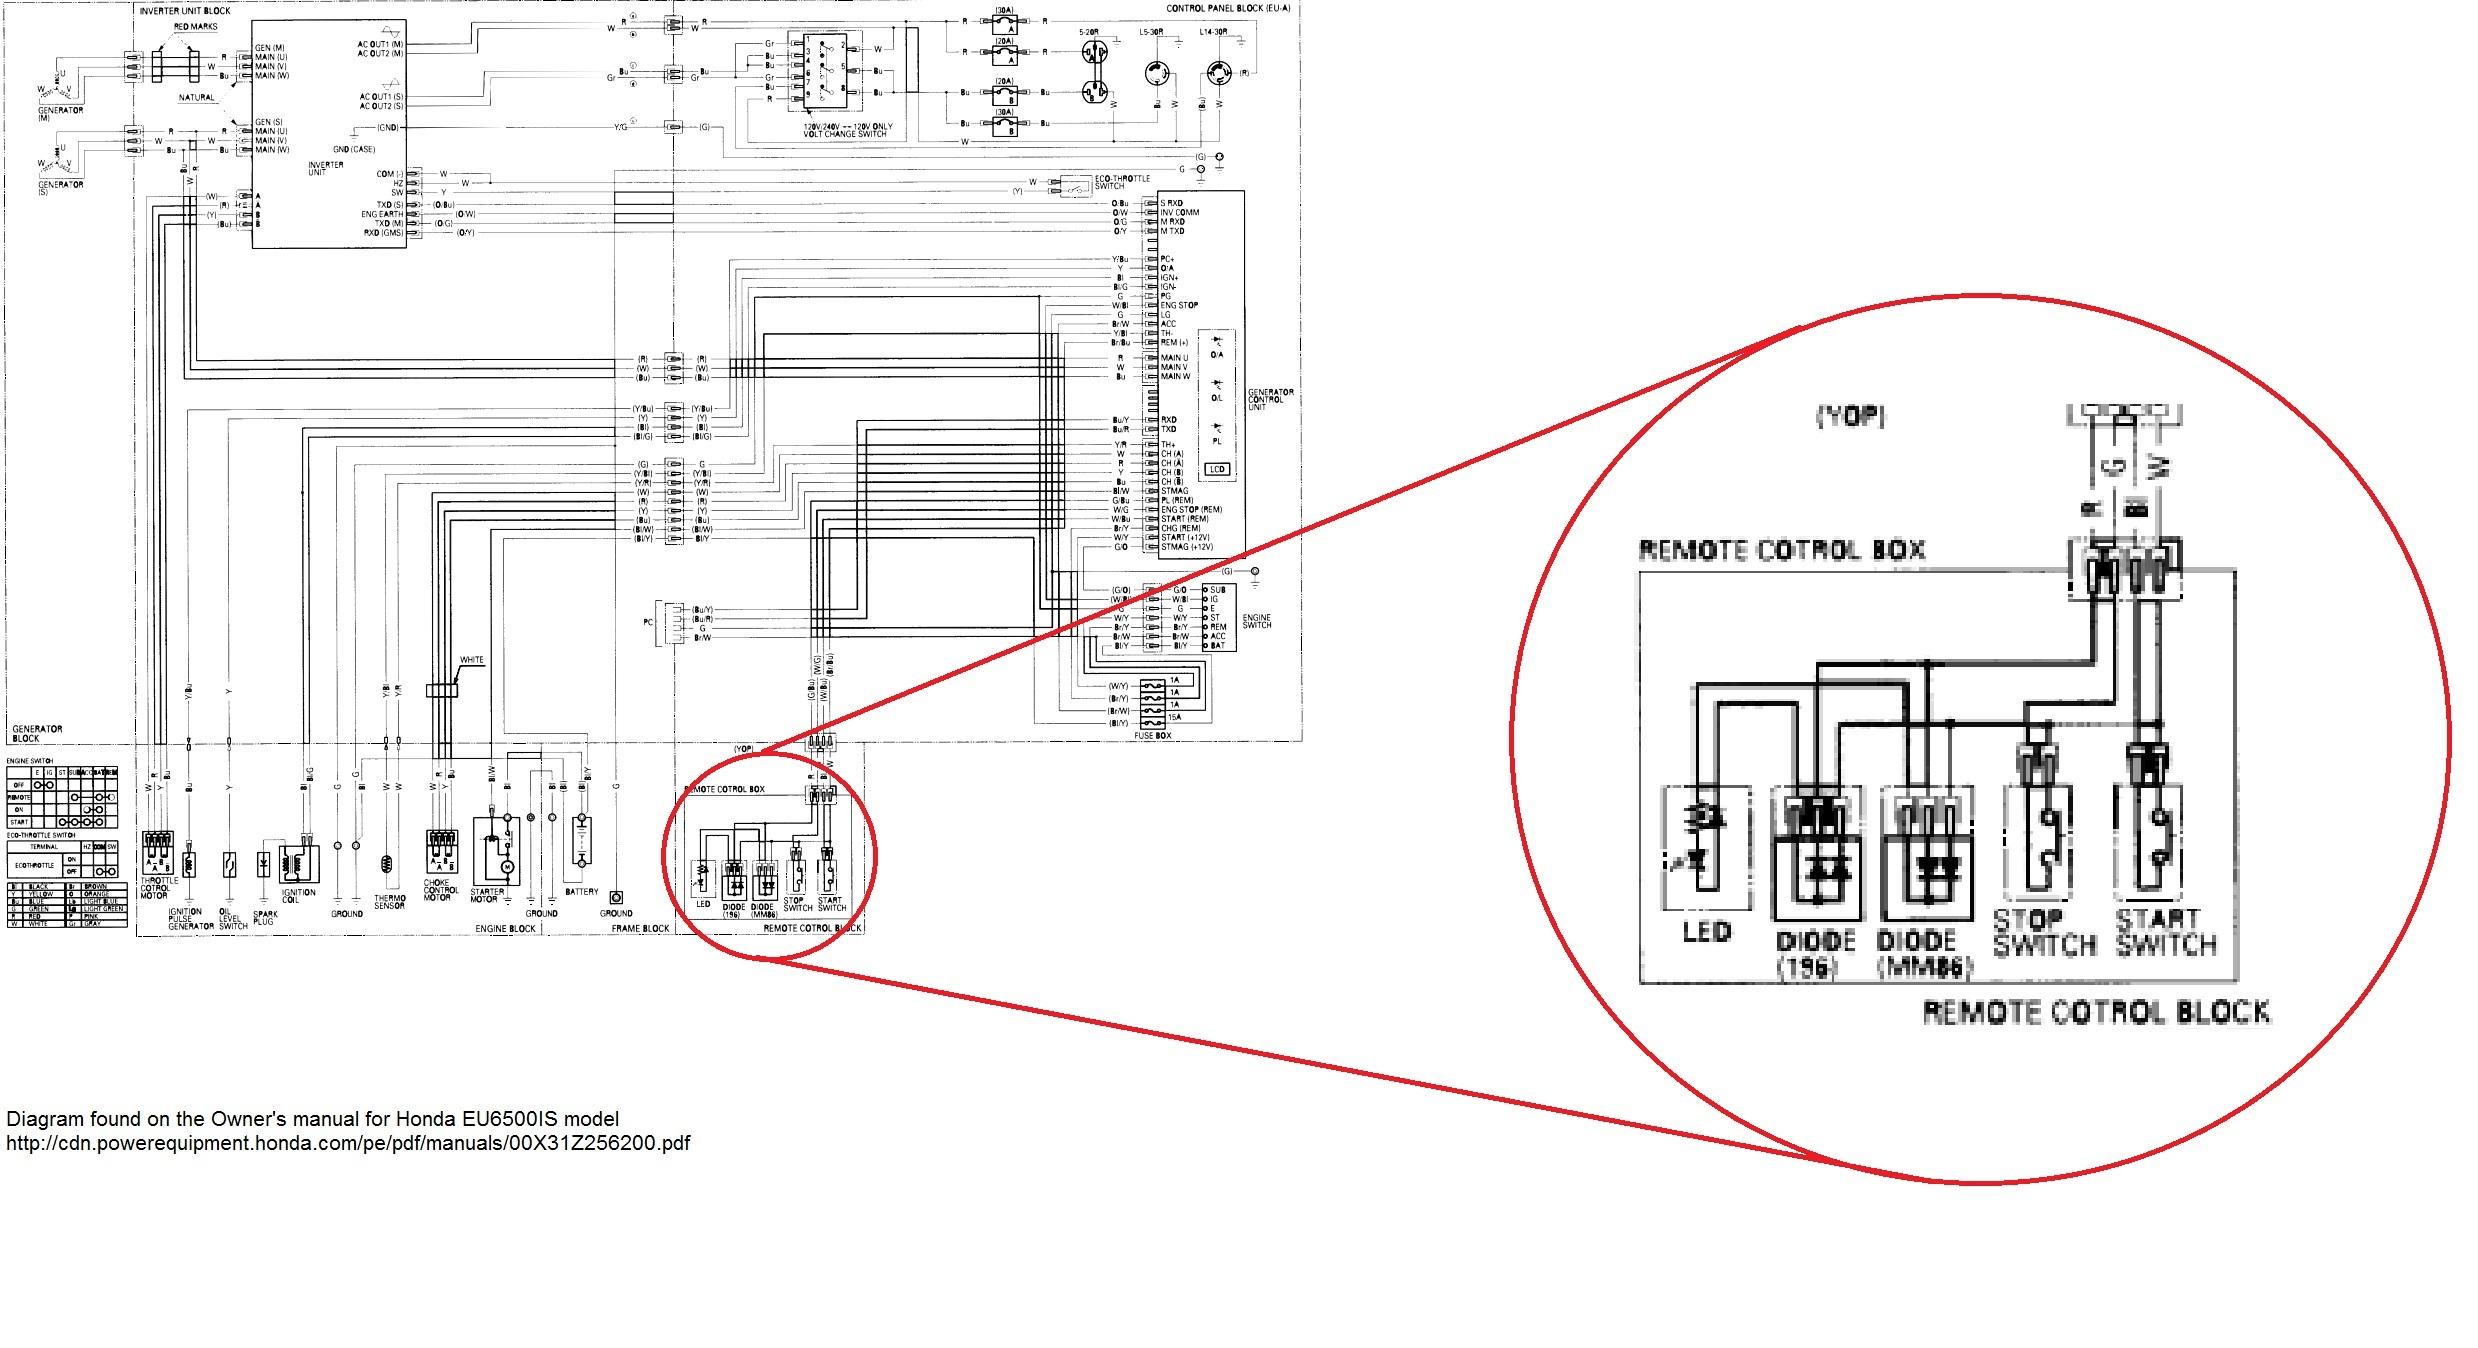 Remote Start Wiring Diagrams For Generators | Wiring Diagram - Onan Generator Remote Start Switch Wiring Diagram